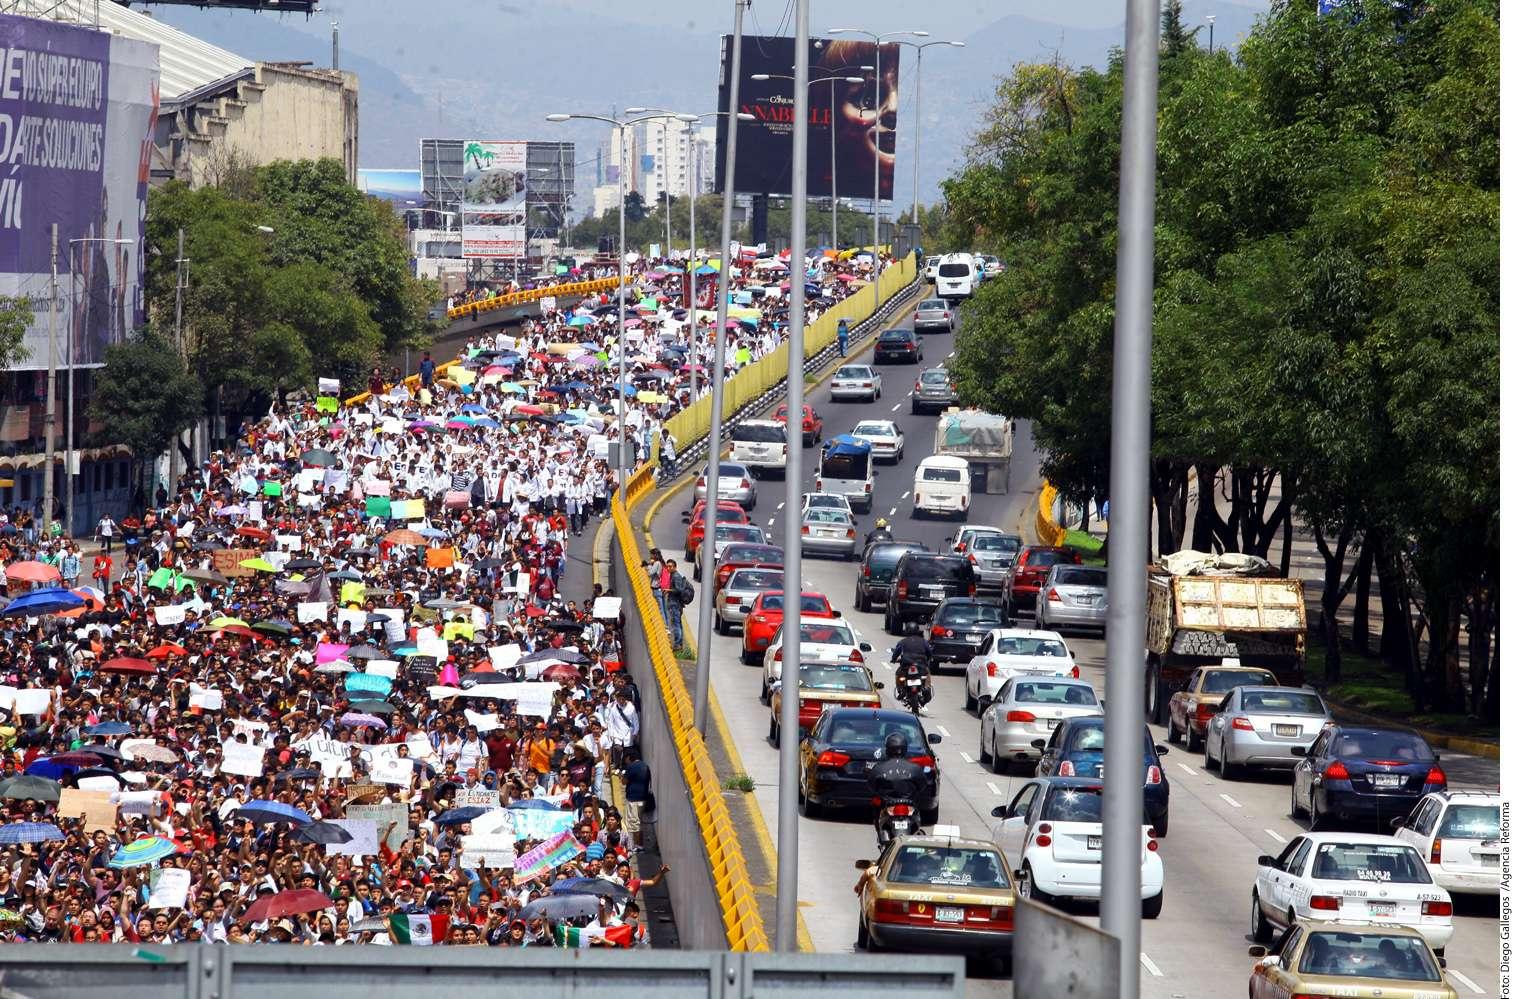 Miles de alumnos del IPN se unieron a la marcha de este martes para que las autoridades atiendan sus demandas. Foto: Diego Gallegos/Reforma